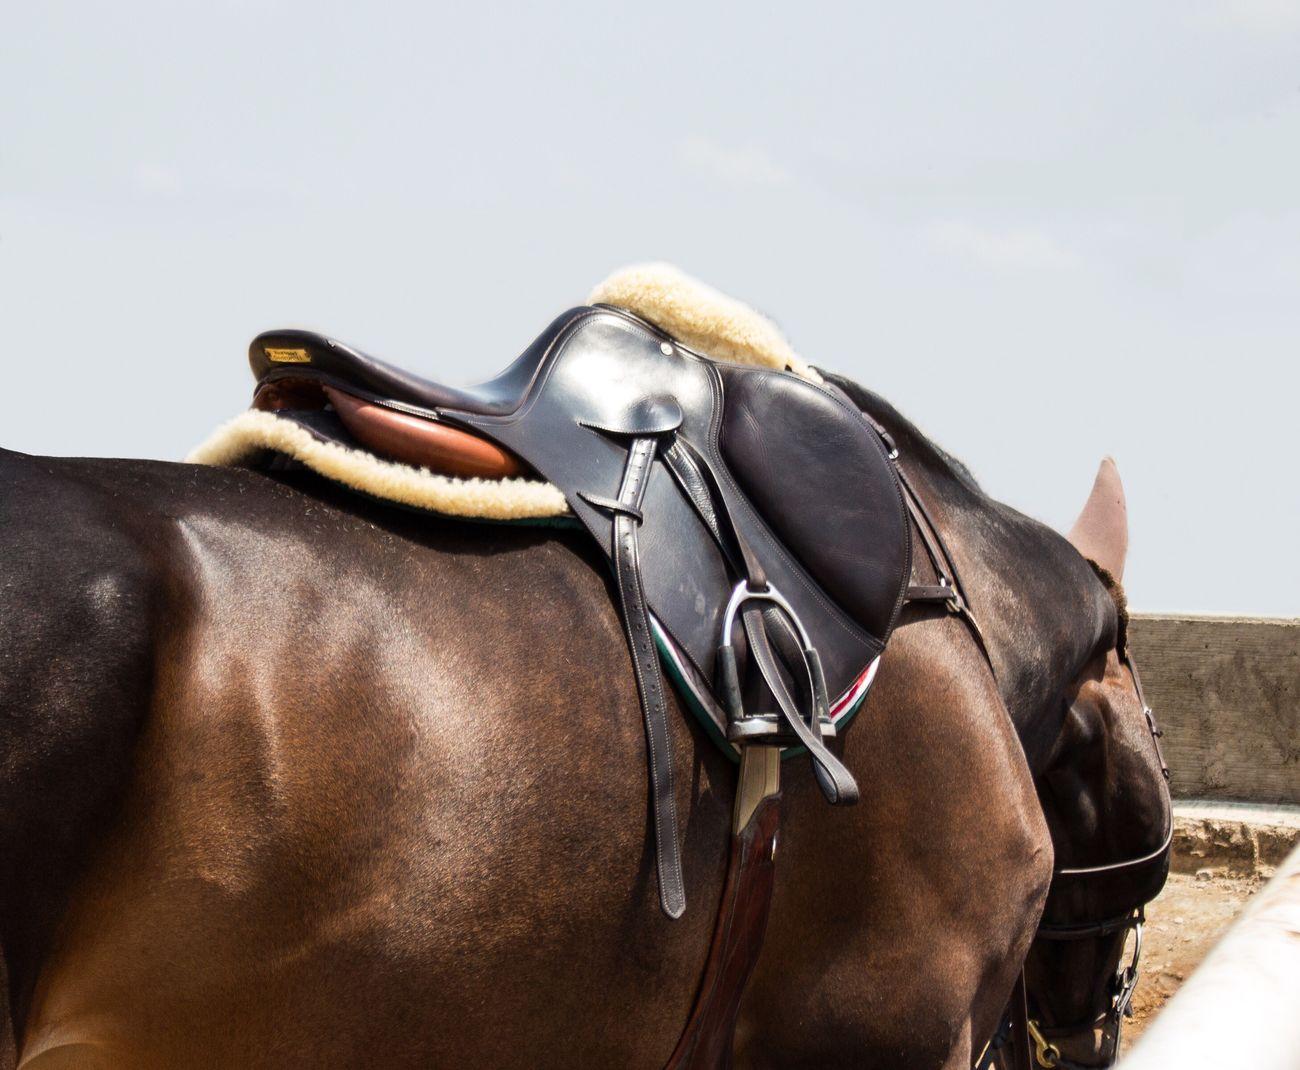 Horse Photography  Horse Horseback Riding Sky Horse Show Saddle Mexico City Mexico Ranch Equine Equestrian Equine Photography Equestrian Life